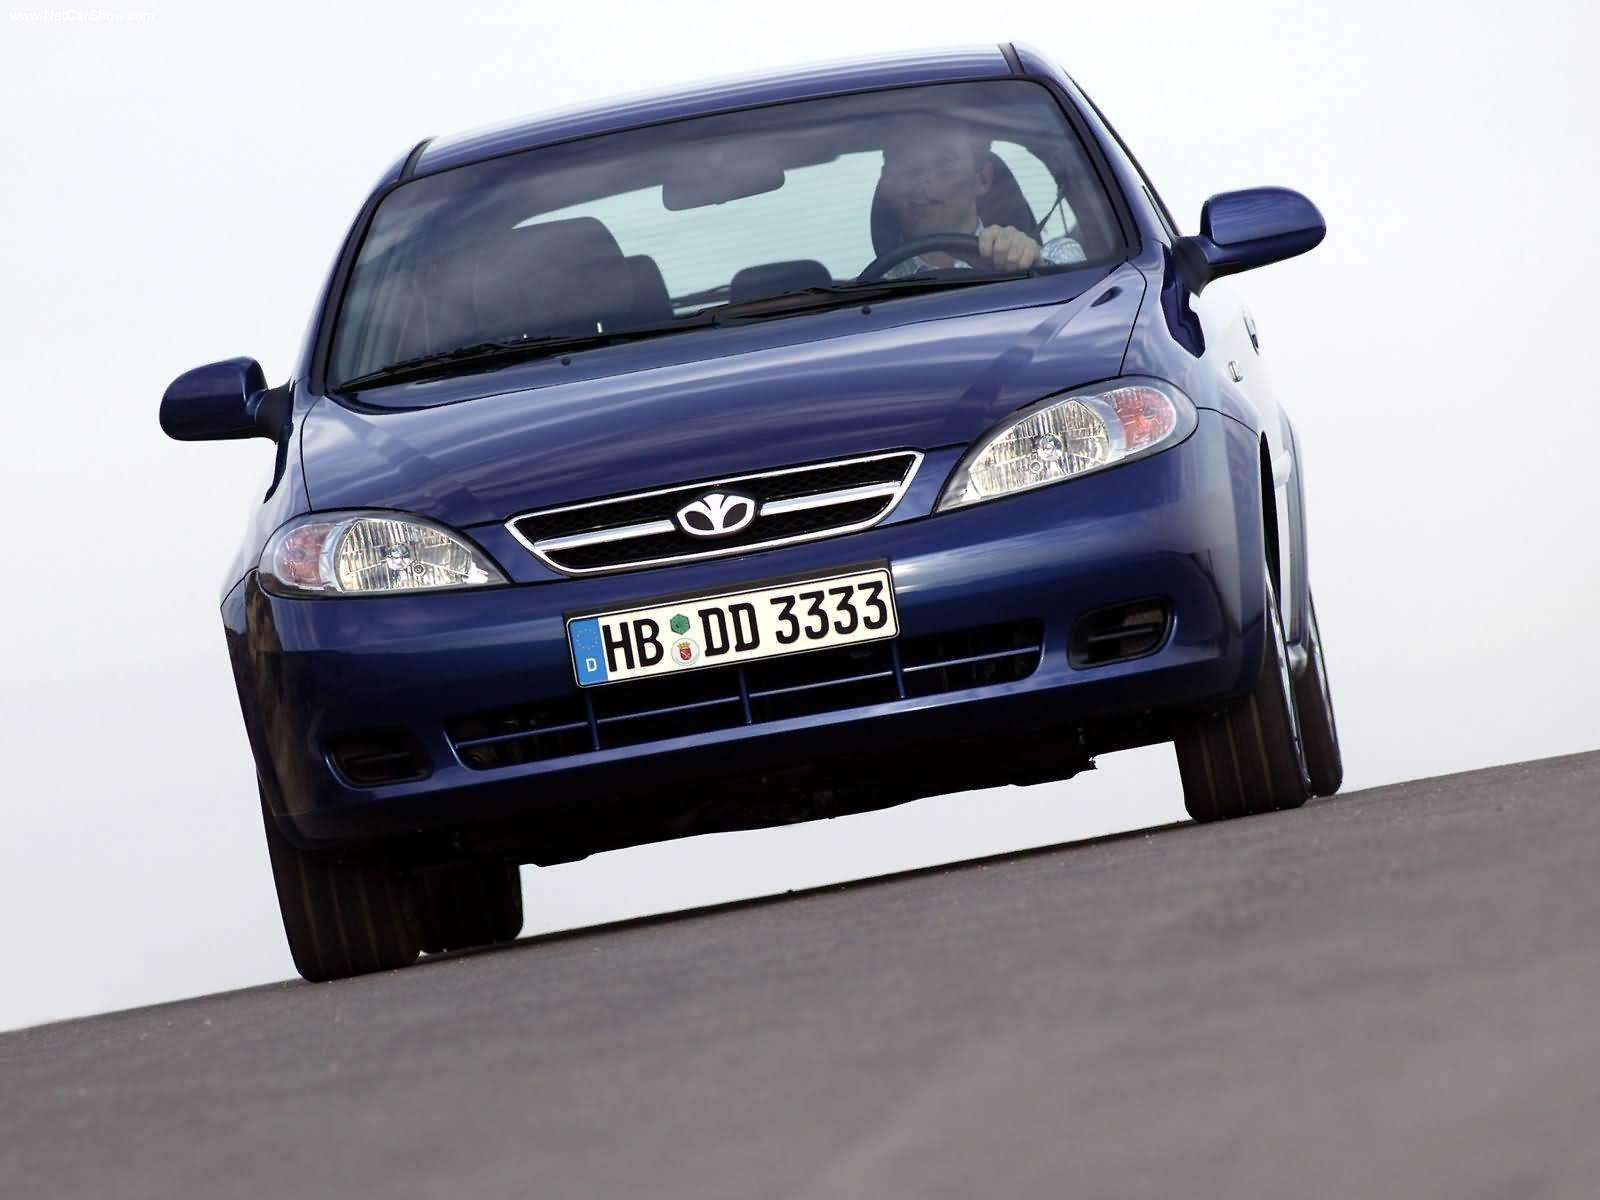 Hình ảnh xe ô tô Daewoo Lacetti SX 2004 & nội ngoại thất